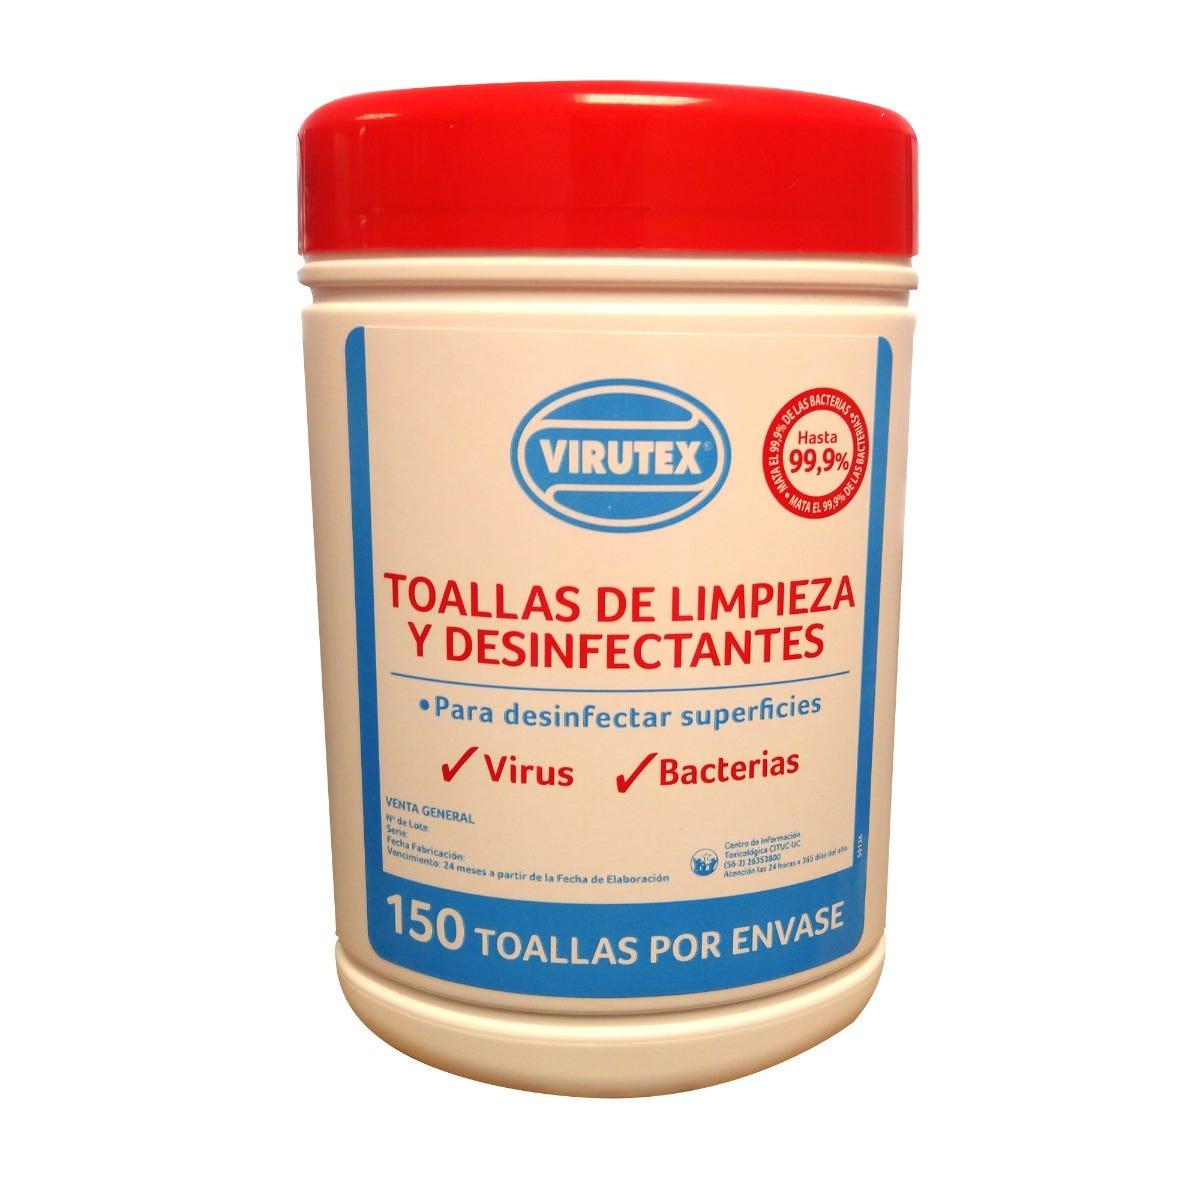 Toallas desinfectantes Virutex®, 150 Piezas